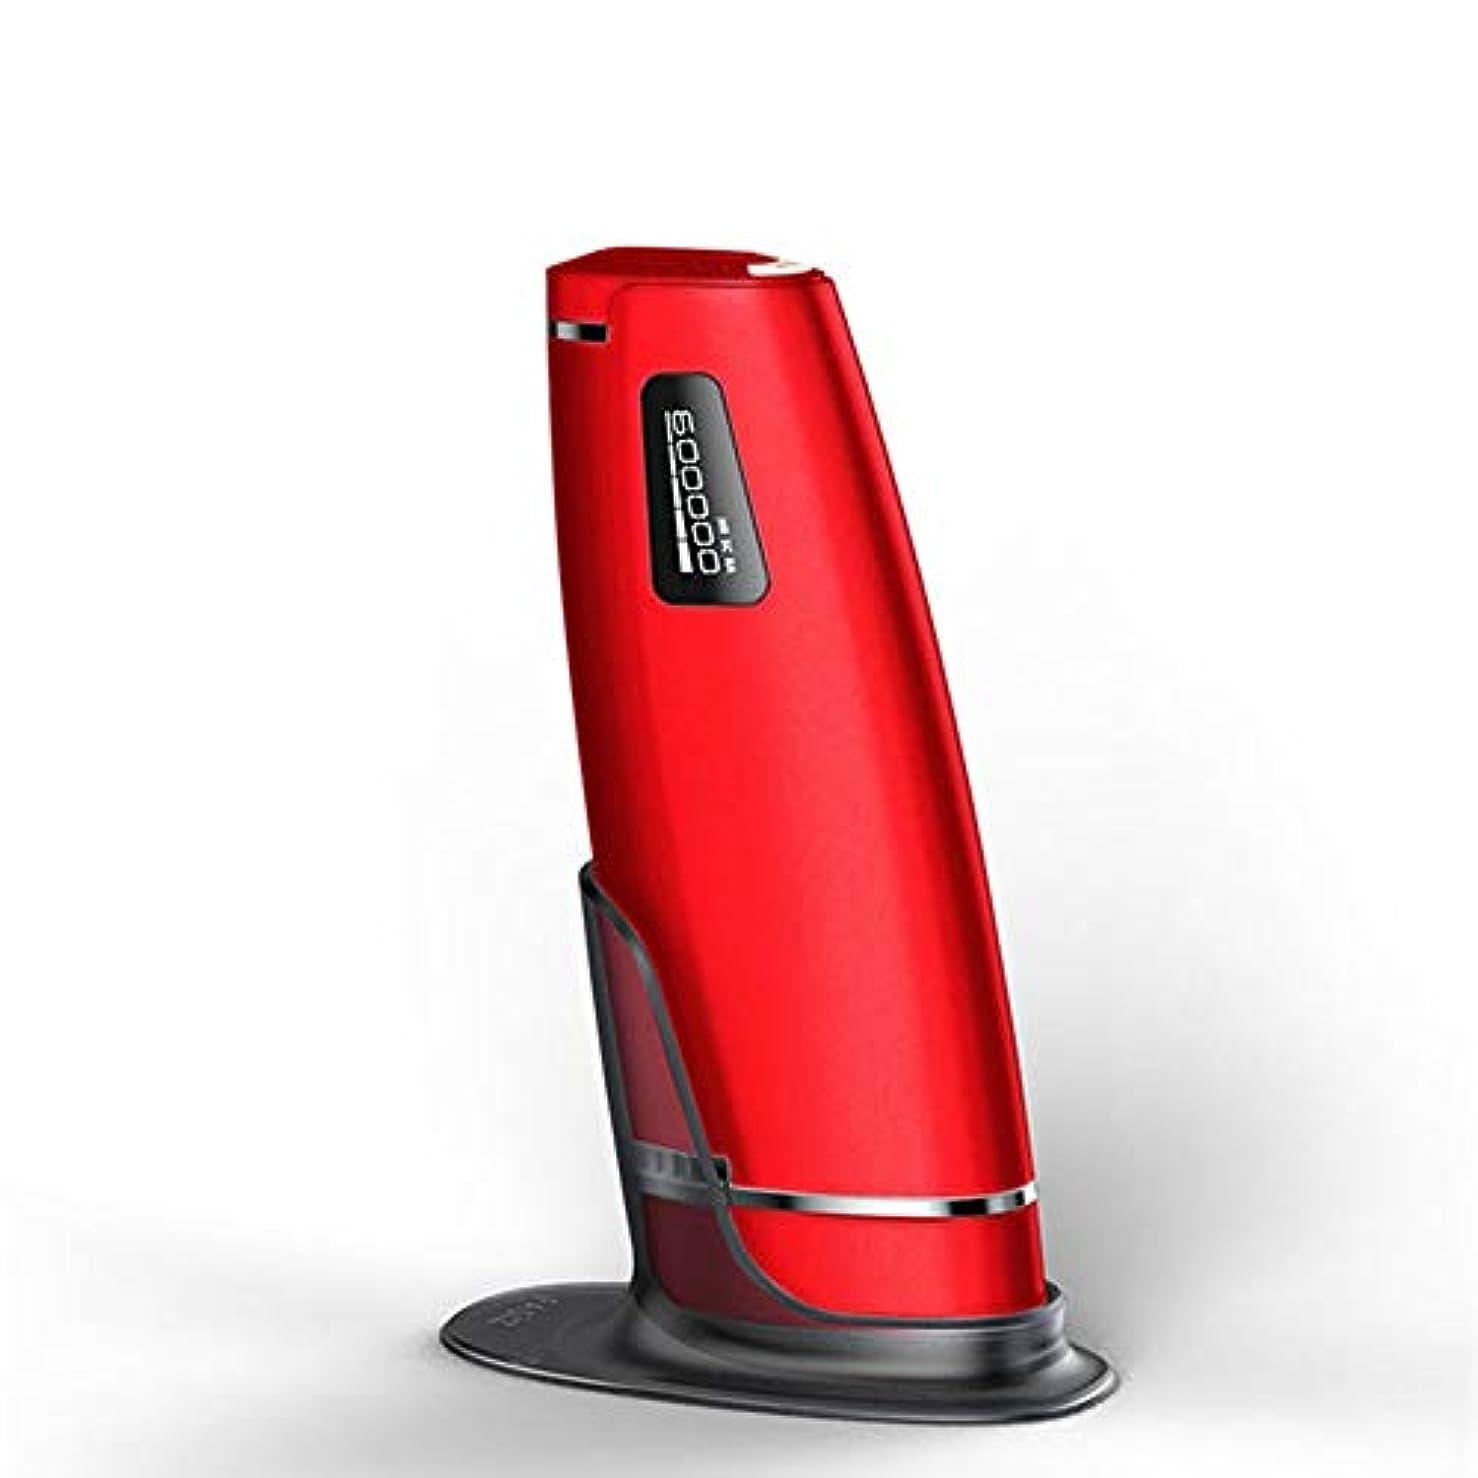 Iku夫 赤、デュアルモード、ホームオートマチック無痛脱毛剤、携帯用永久脱毛剤、5スピード調整、サイズ20.5 X 4.5 X 7 Cm (Color : Red)